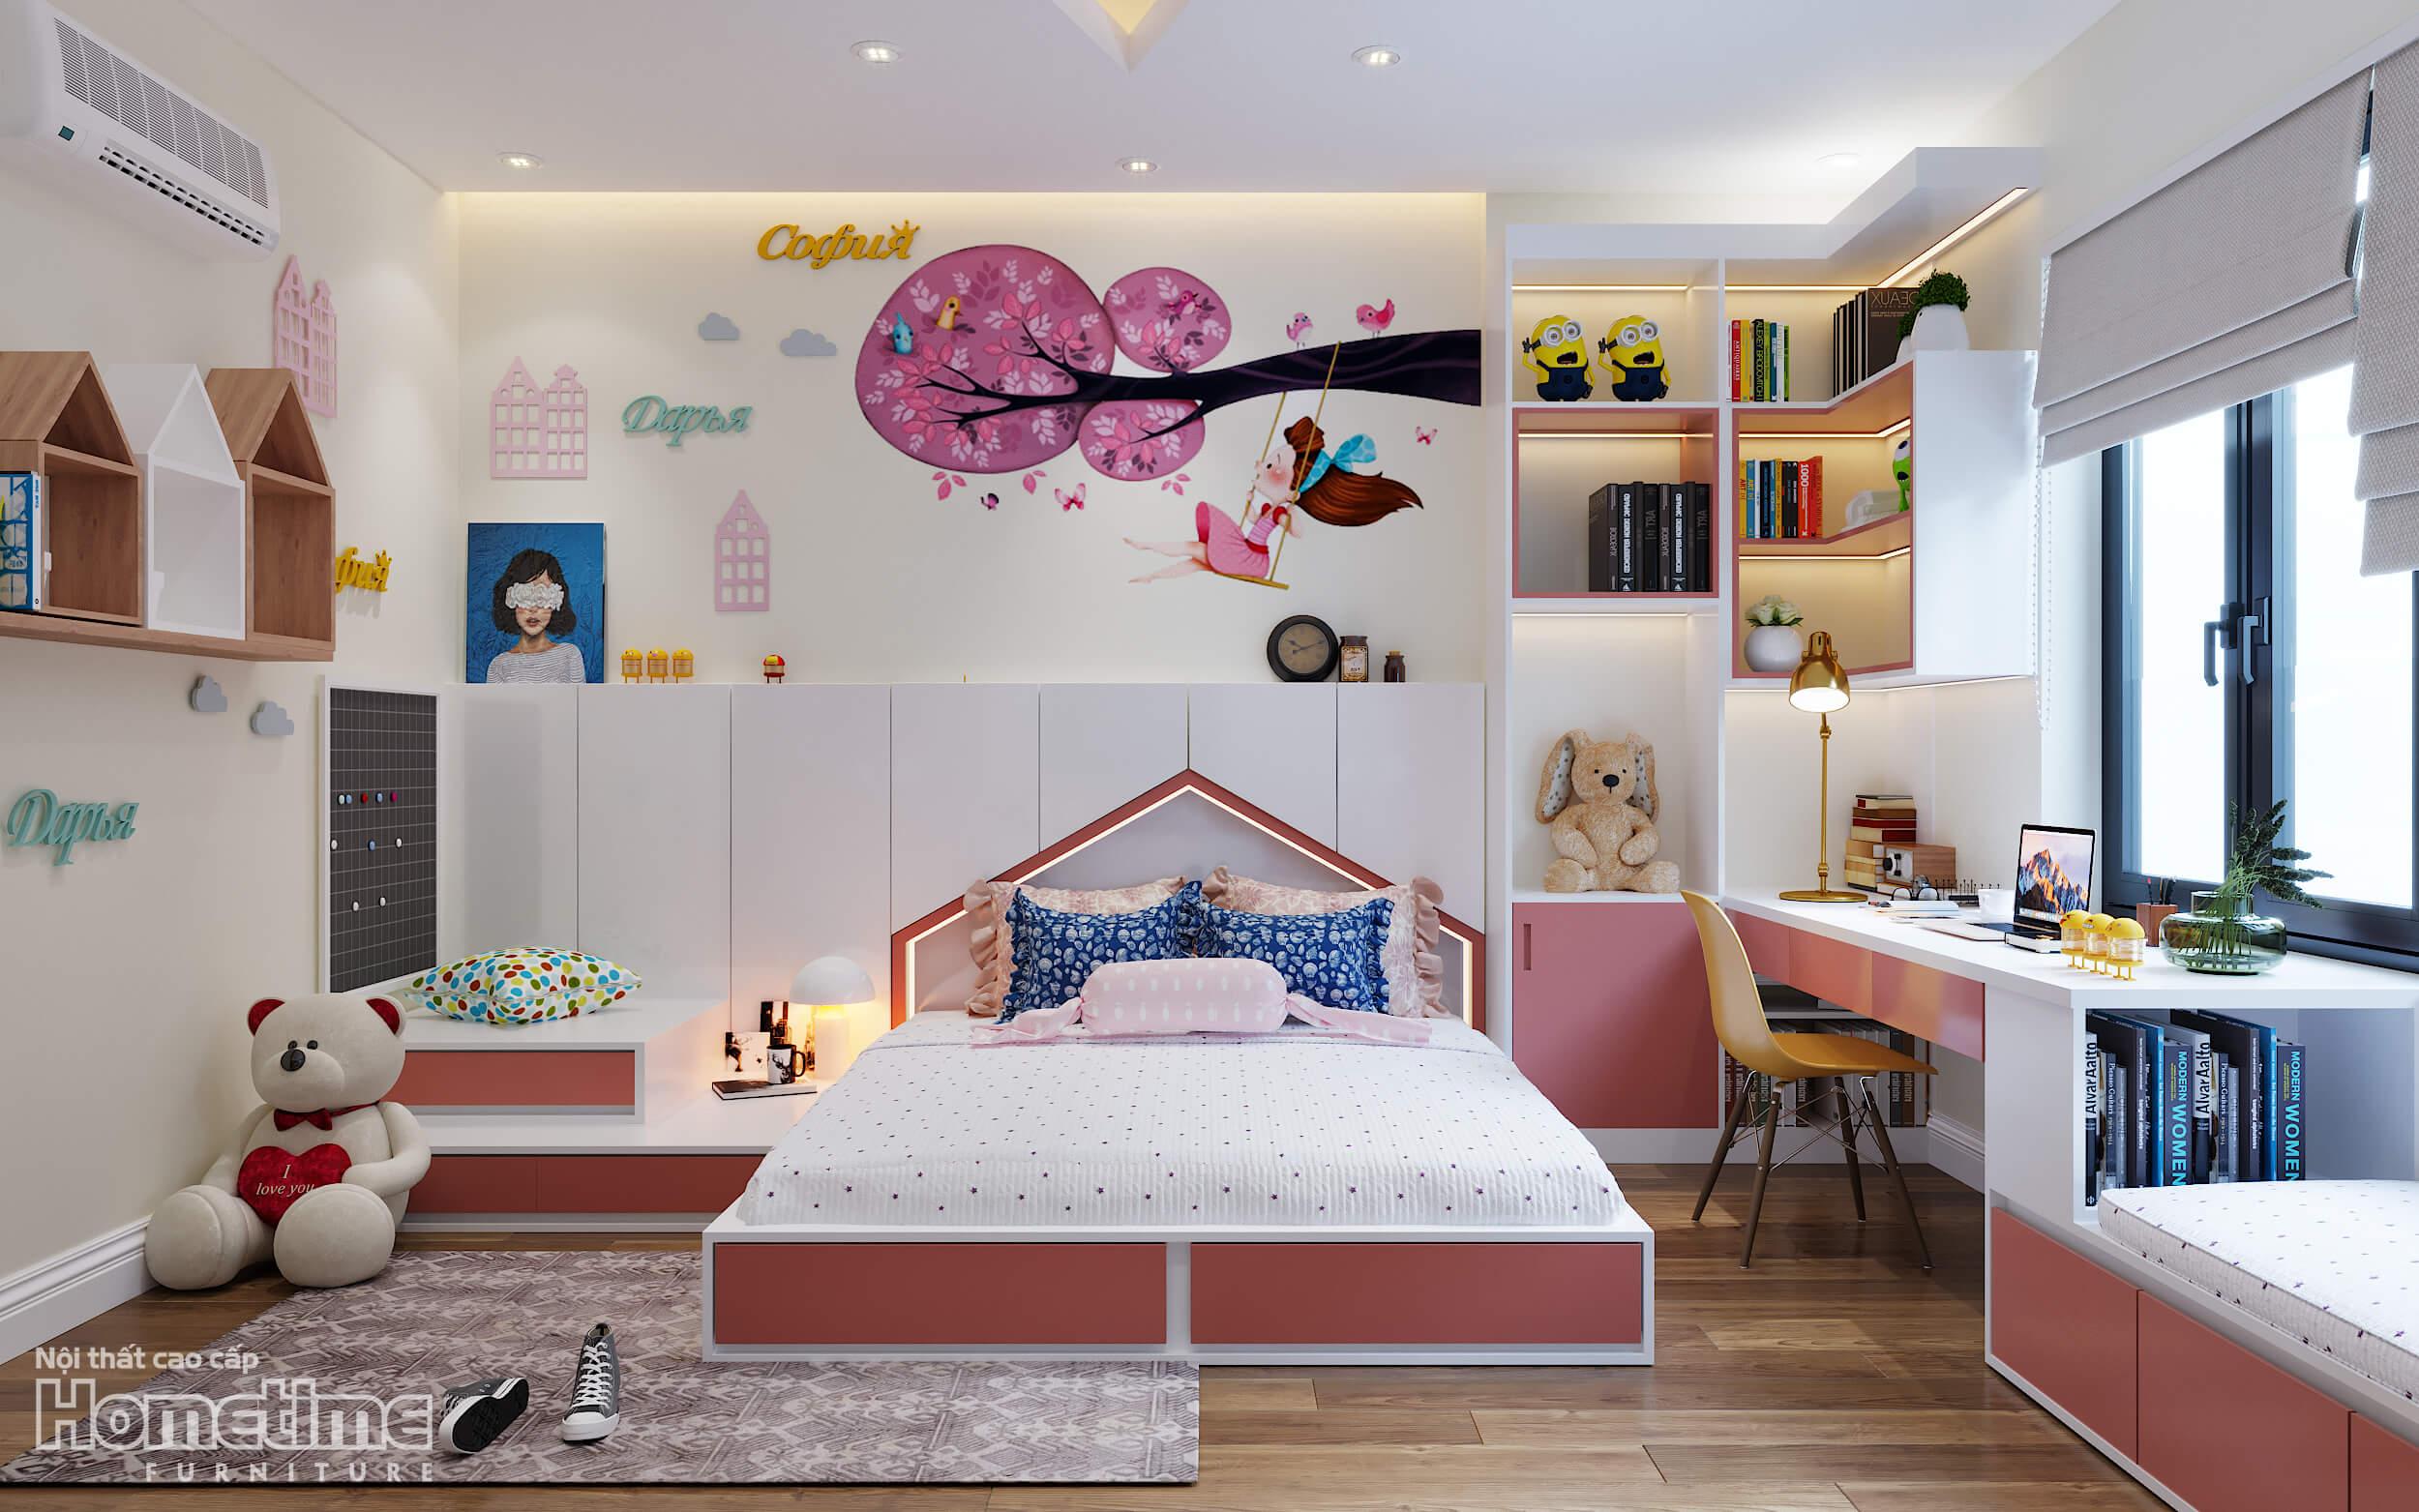 nội thất phòng ngủ bé gái sang trọng hiện đại